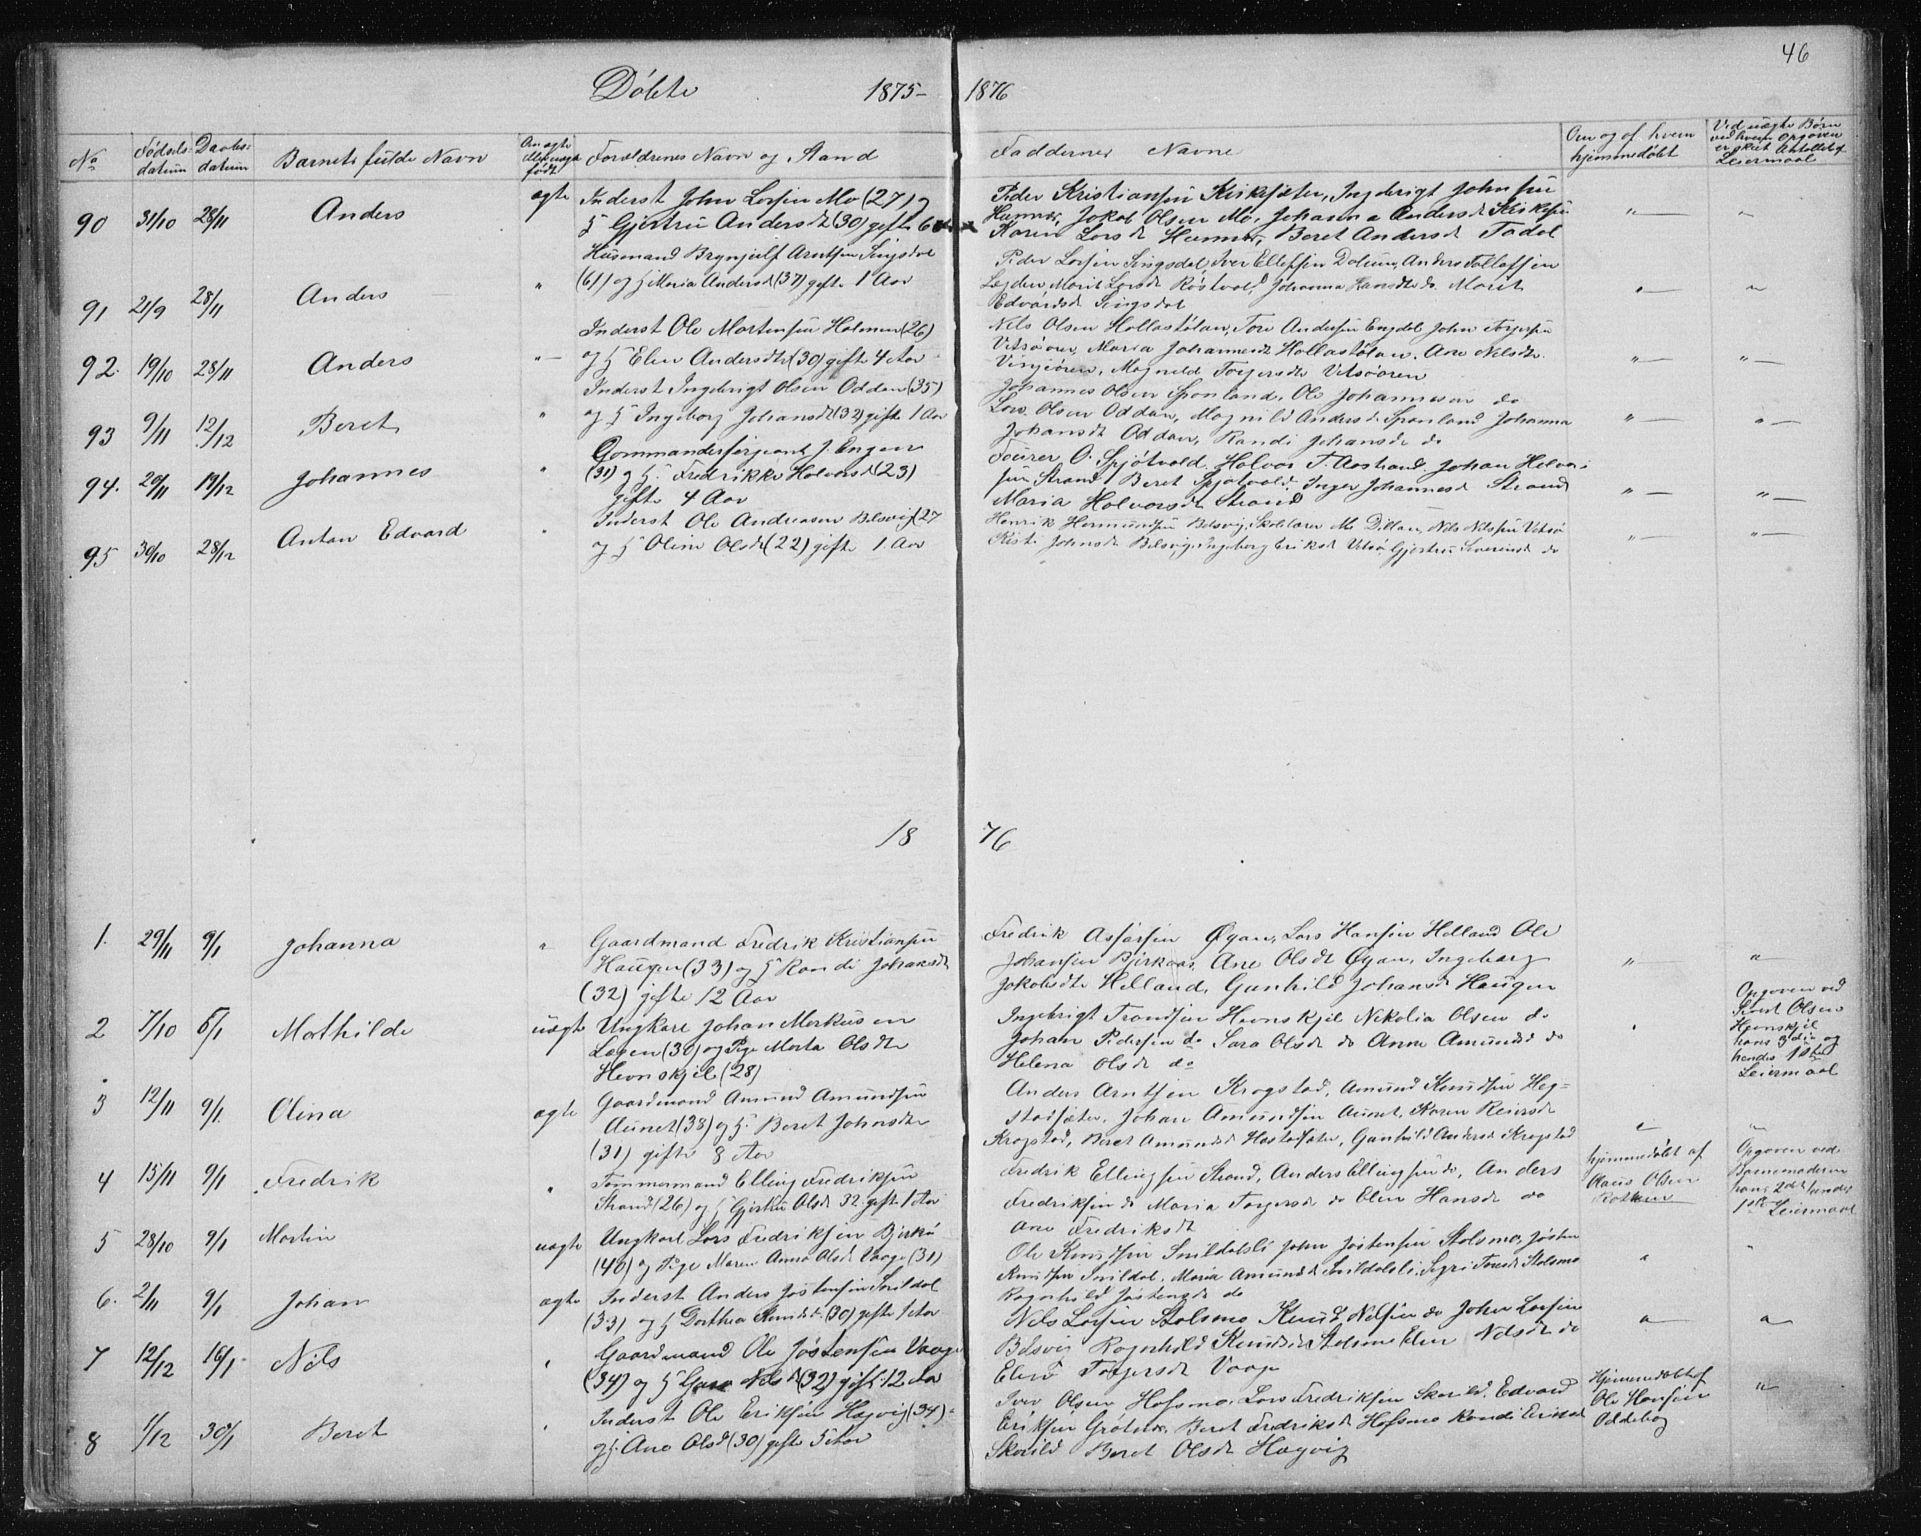 SAT, Ministerialprotokoller, klokkerbøker og fødselsregistre - Sør-Trøndelag, 630/L0503: Klokkerbok nr. 630C01, 1869-1878, s. 46